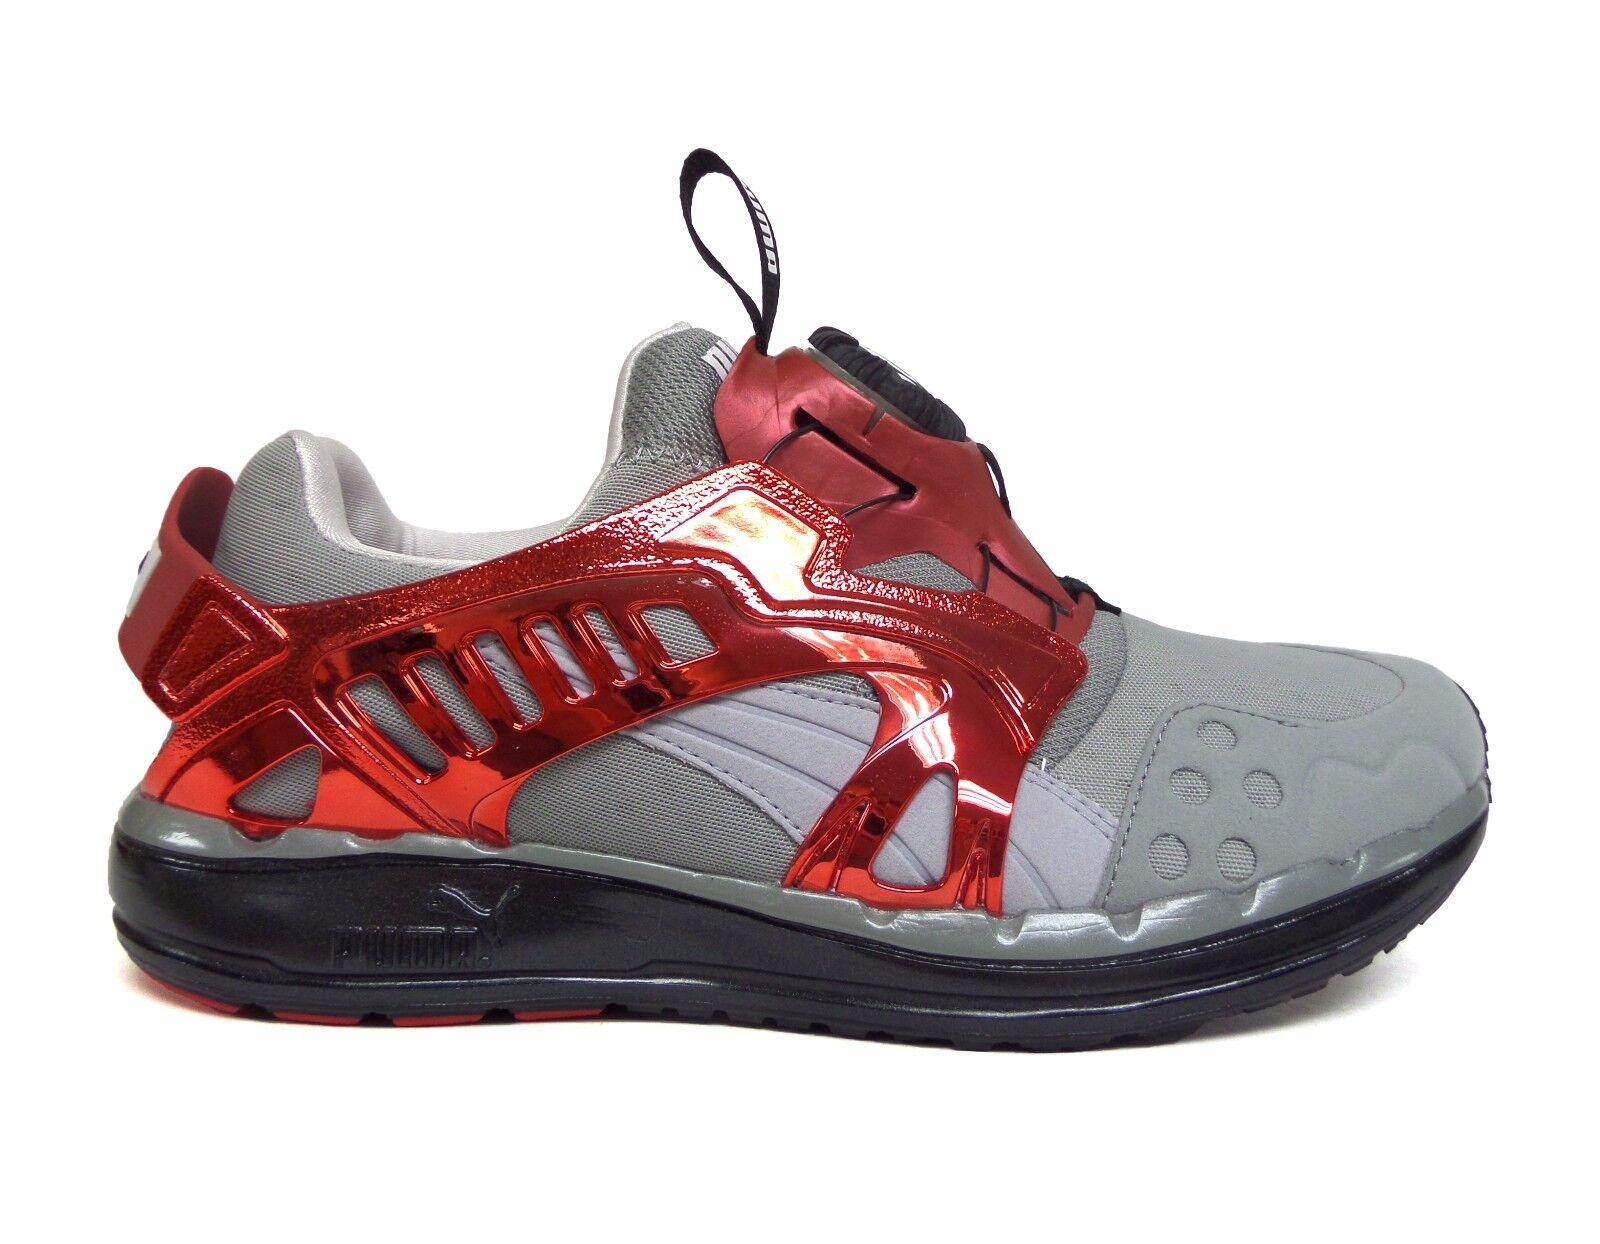 Puma Men's FUTURE DISC LITE TECH'D OUT Shoes Grey/Red 356389-03 a1